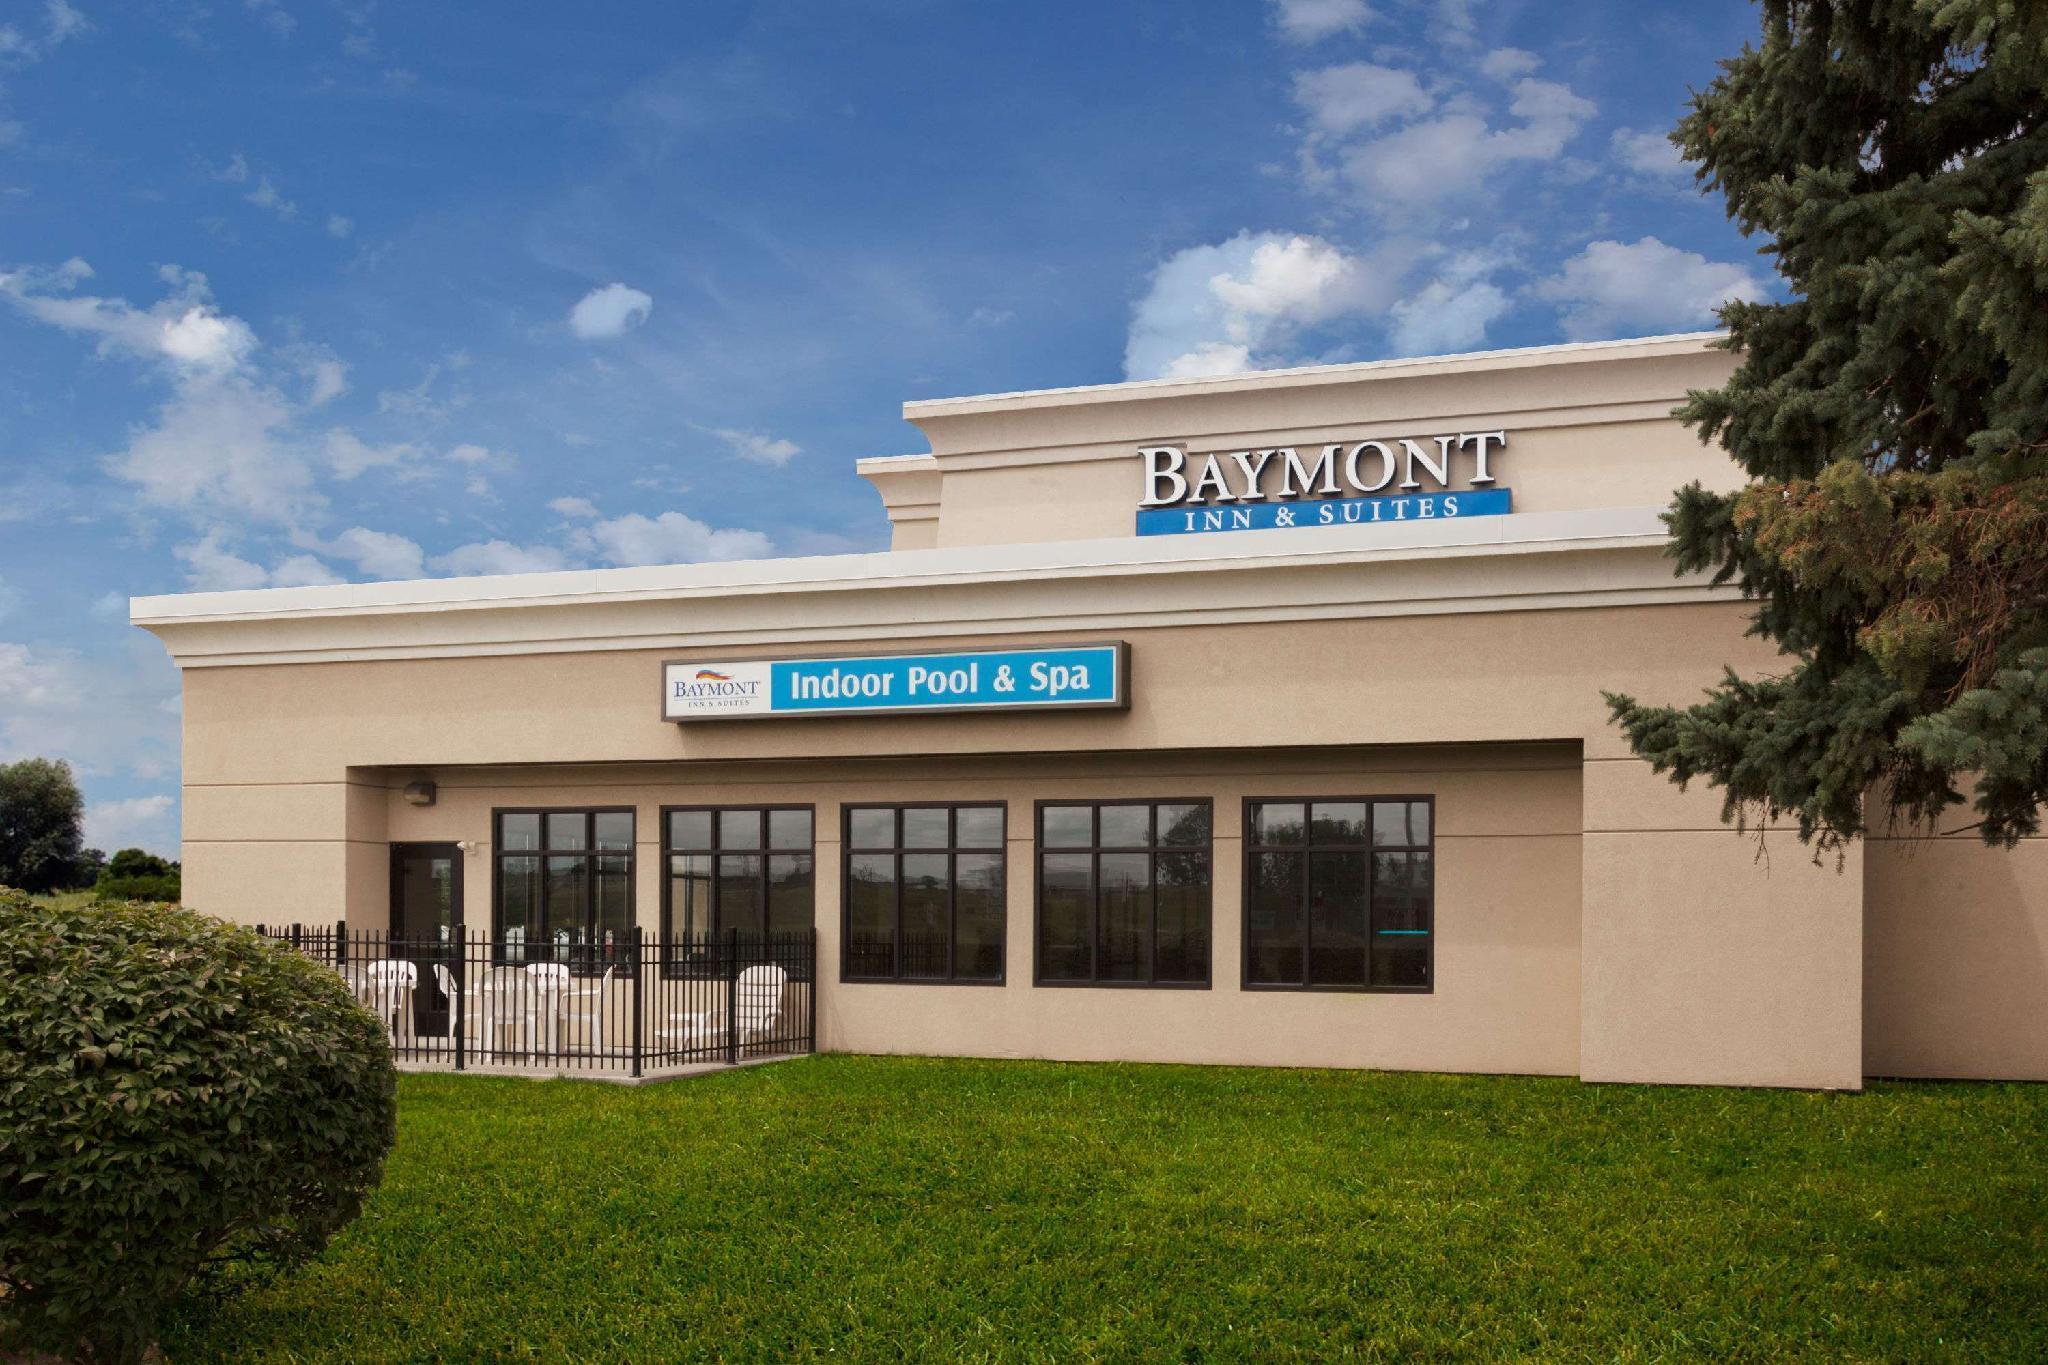 Baymont By Wyndham St. Joseph Stevensville